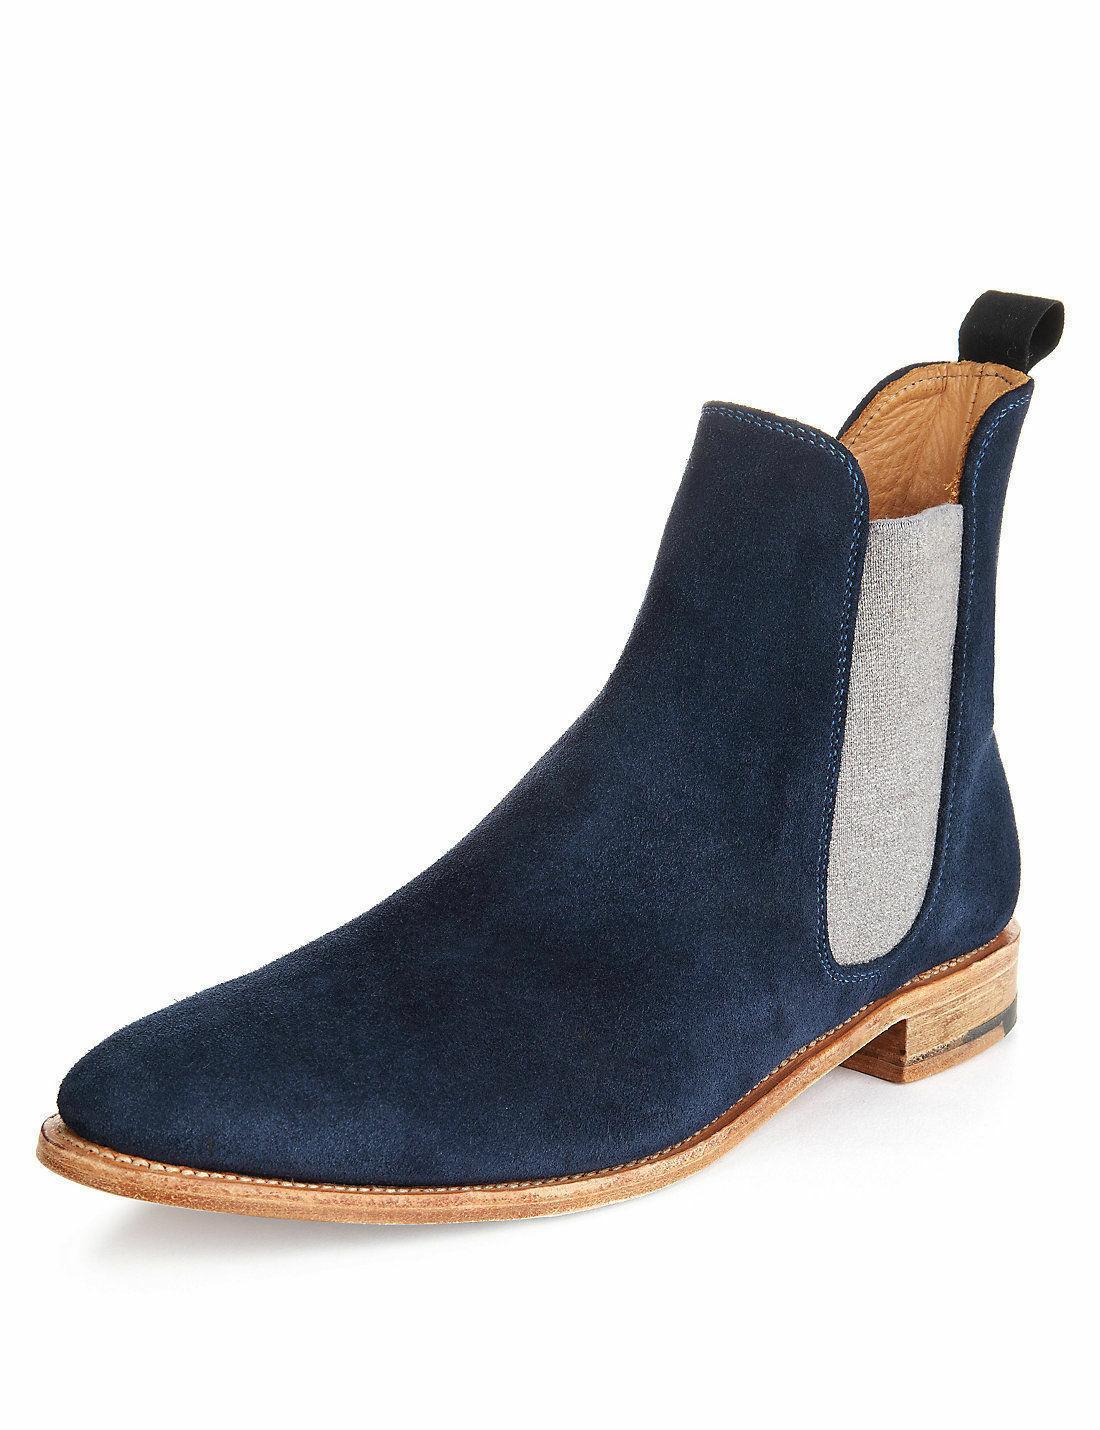 botas para hombre hecho a mano de cuero CHELSEA Azul marino blancoo Ropa Formal Informal Zapatos Nuevos